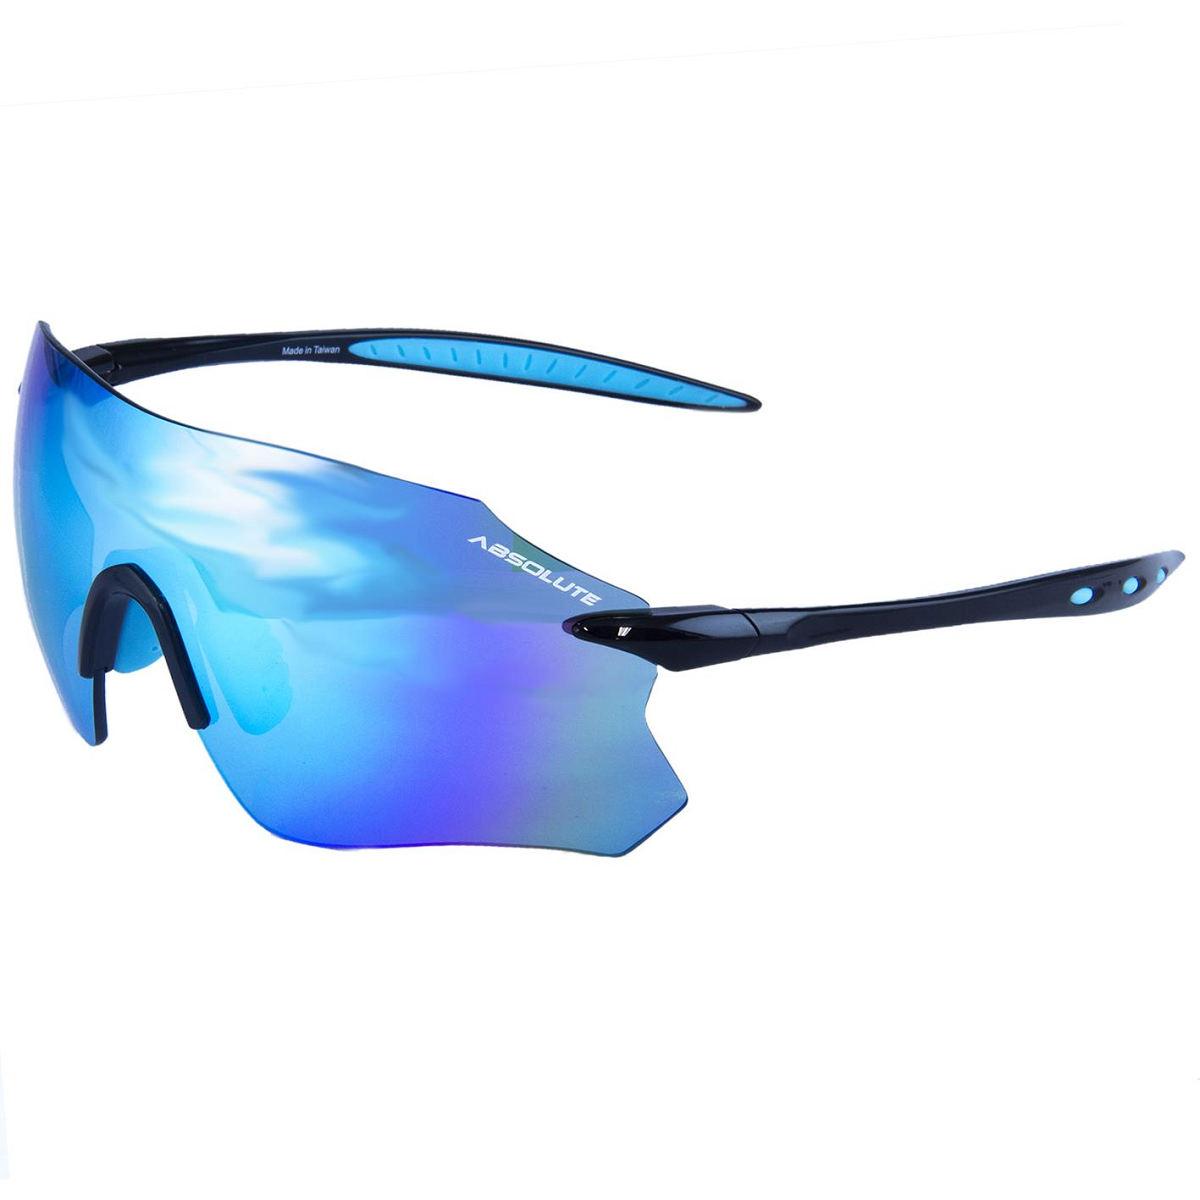 Oculos Absolute Prime Sl Pto/Azul, Lente Azul